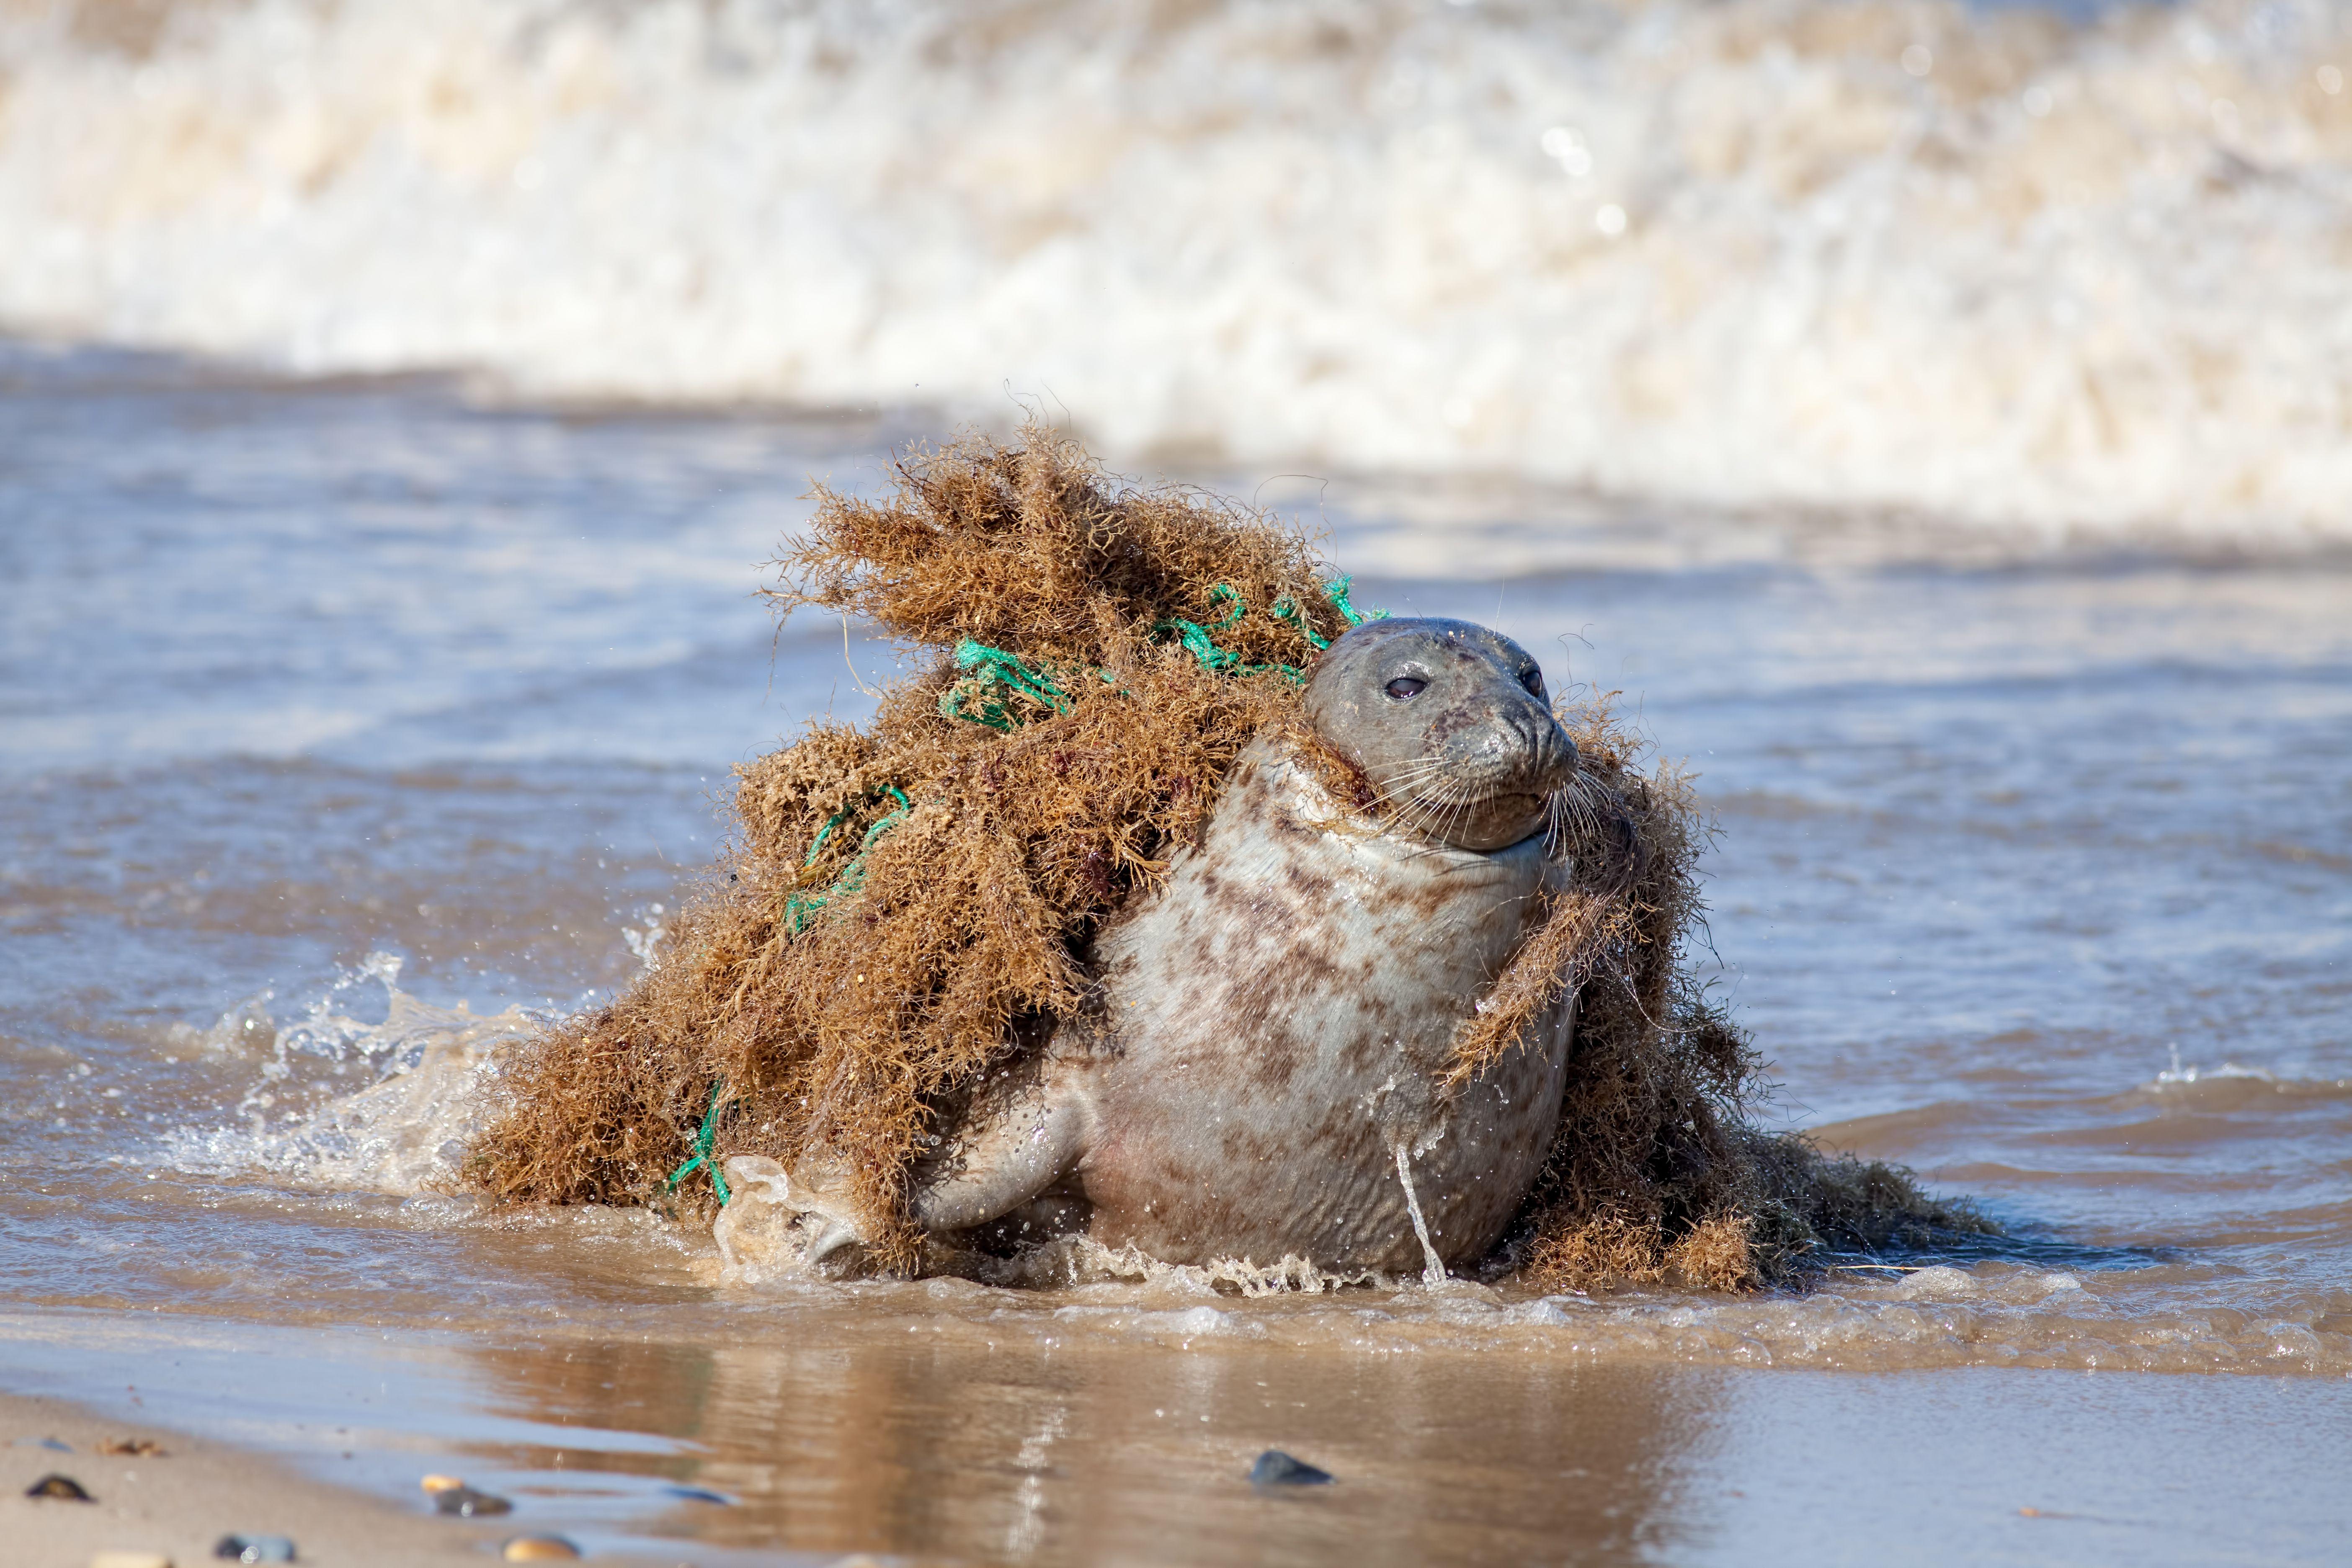 Una foca enredada en una red fantasma. Imagen: Ian Dyball / WWF